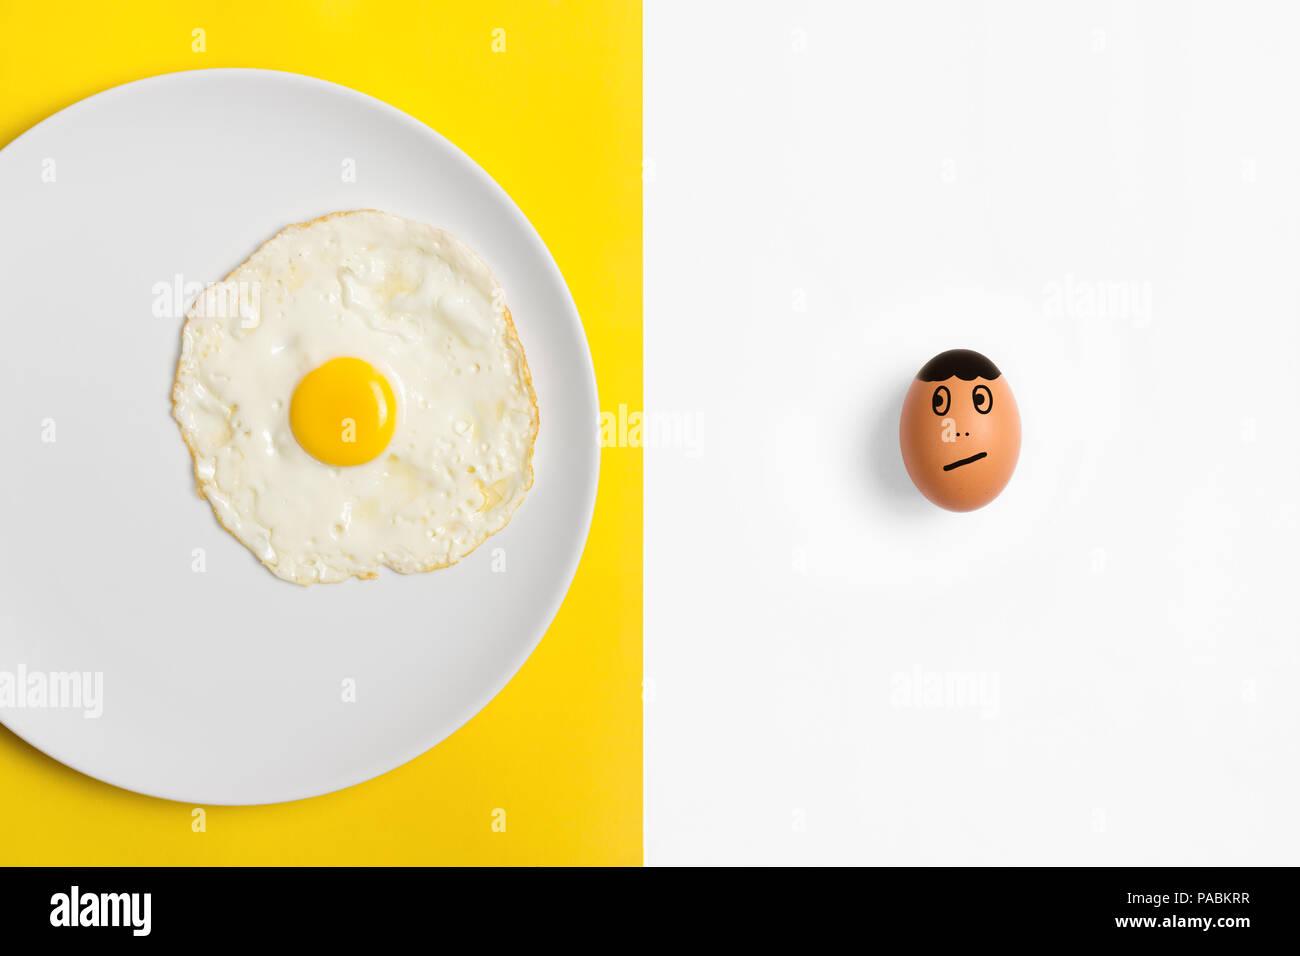 Spiegelei auf Platte mit einem rohen Ei suchen besorgt er weiter. Zwei Ton split Farbe Hintergrund flach Bild. Stockbild